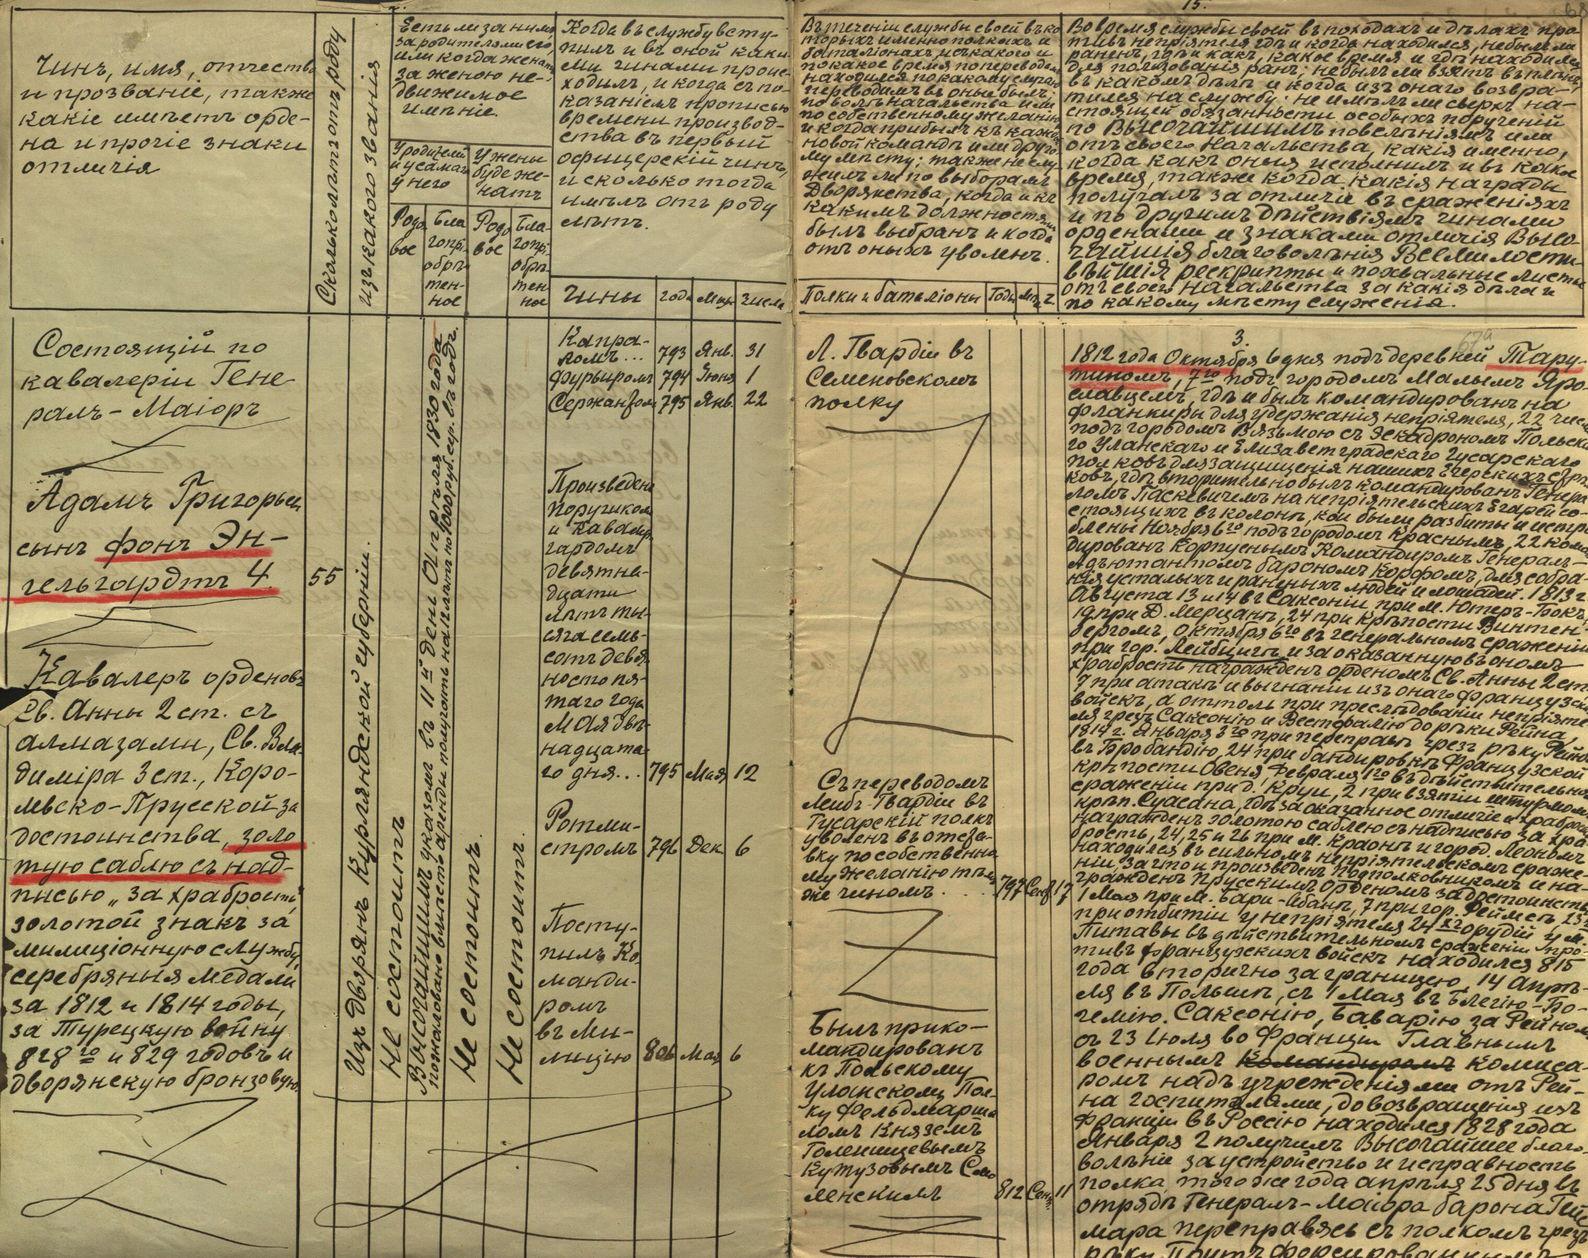 Формулярный список Энгельгардта 4-го за 1831 г.